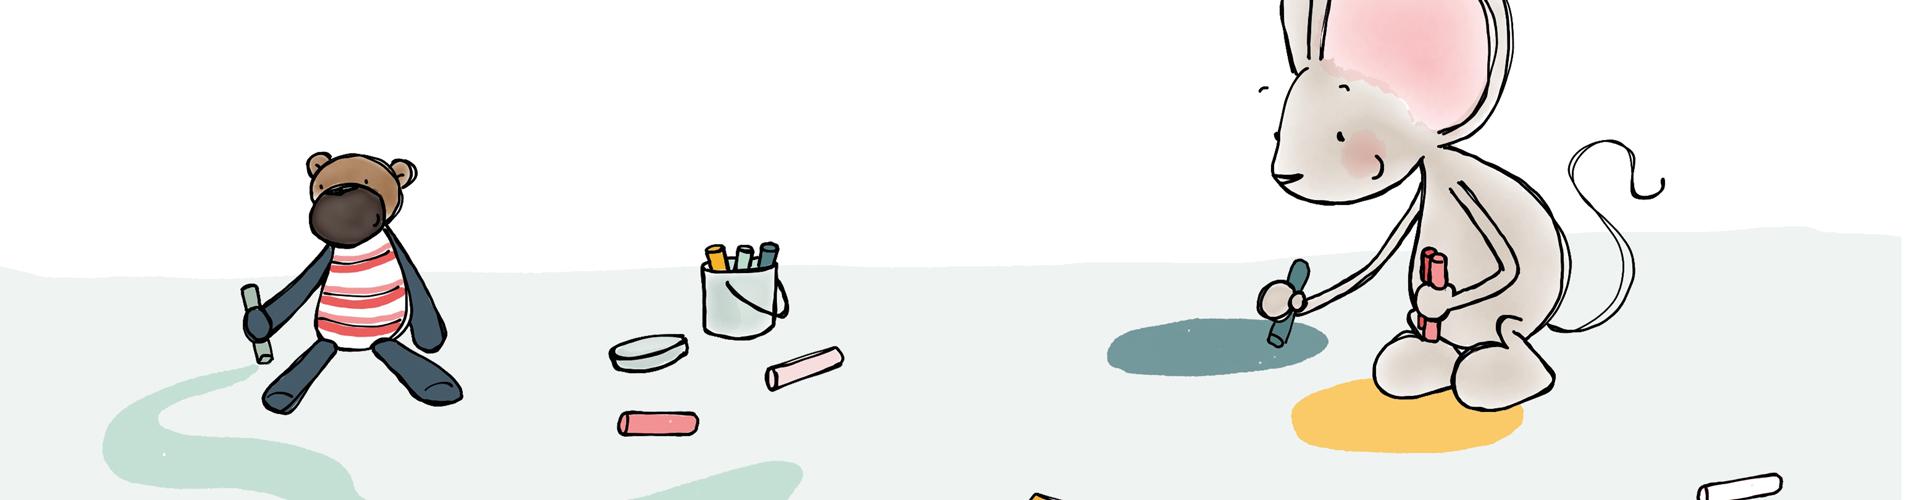 Buiten-spelen-met-muis_Pauline-Baartmans